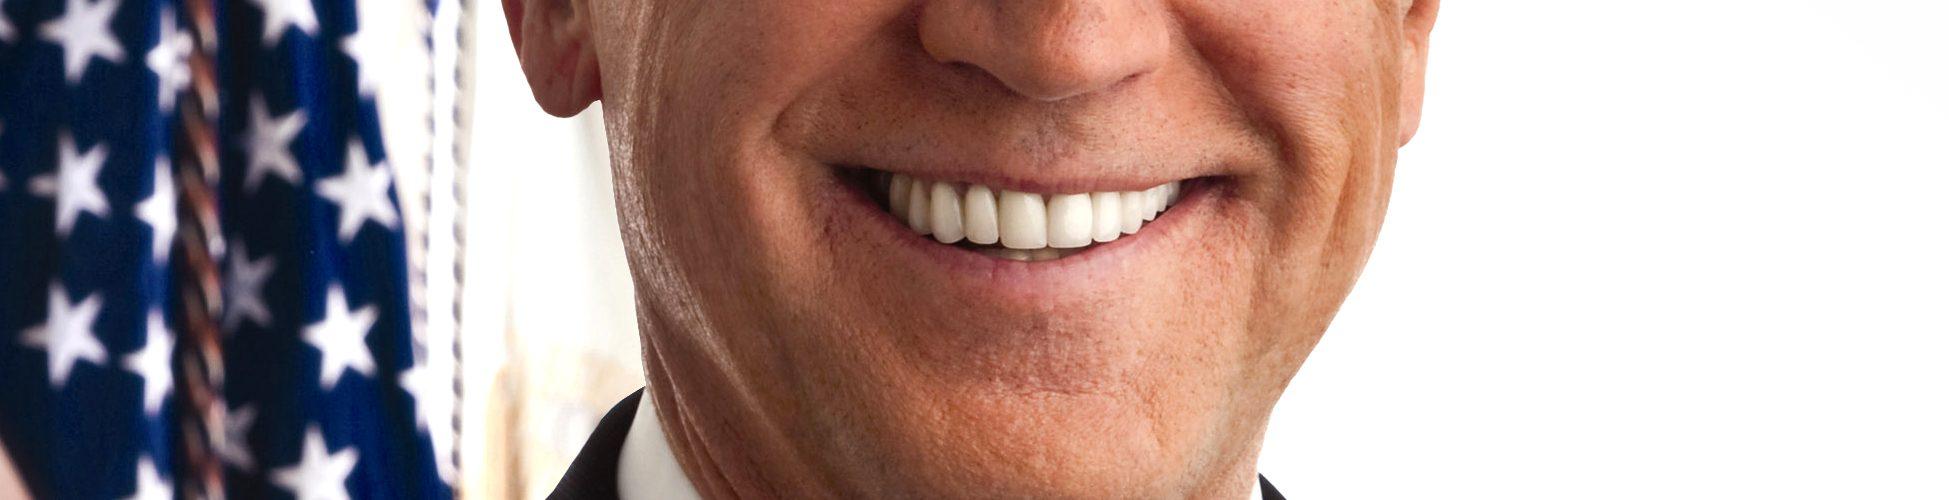 VP Biden: Portrait shoot by Andrew